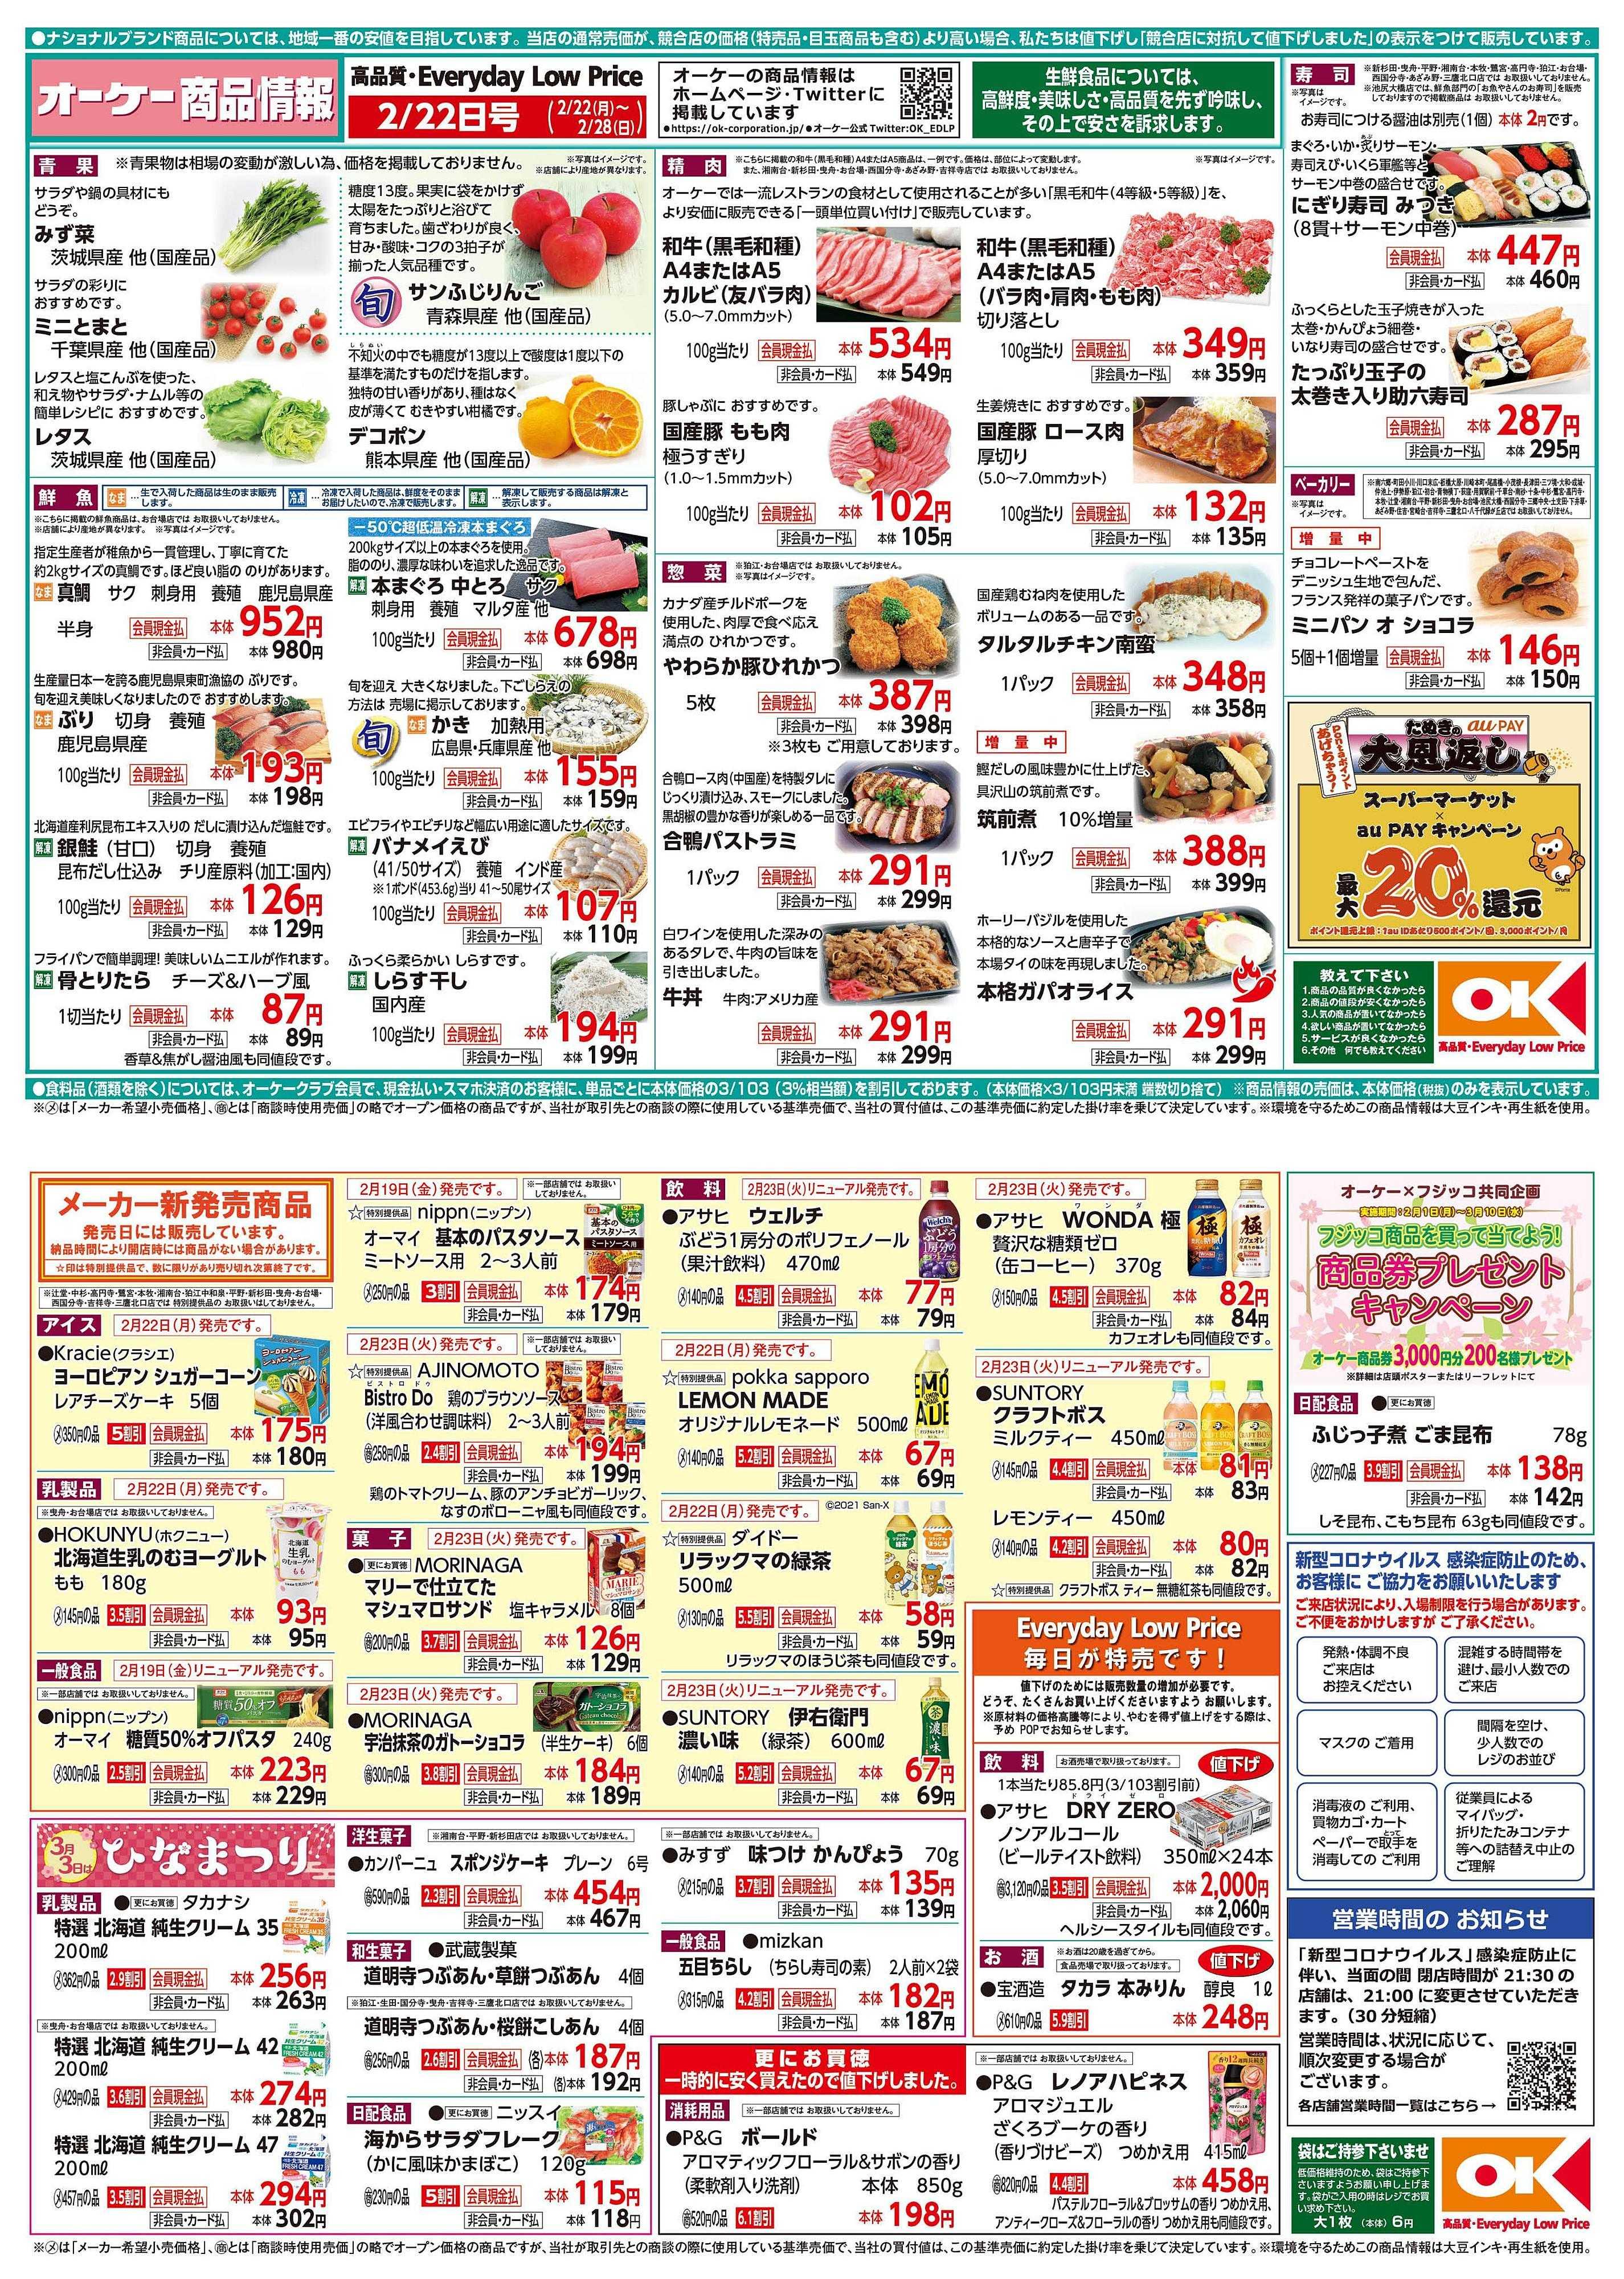 オーケー 商品情報紙2月22日号